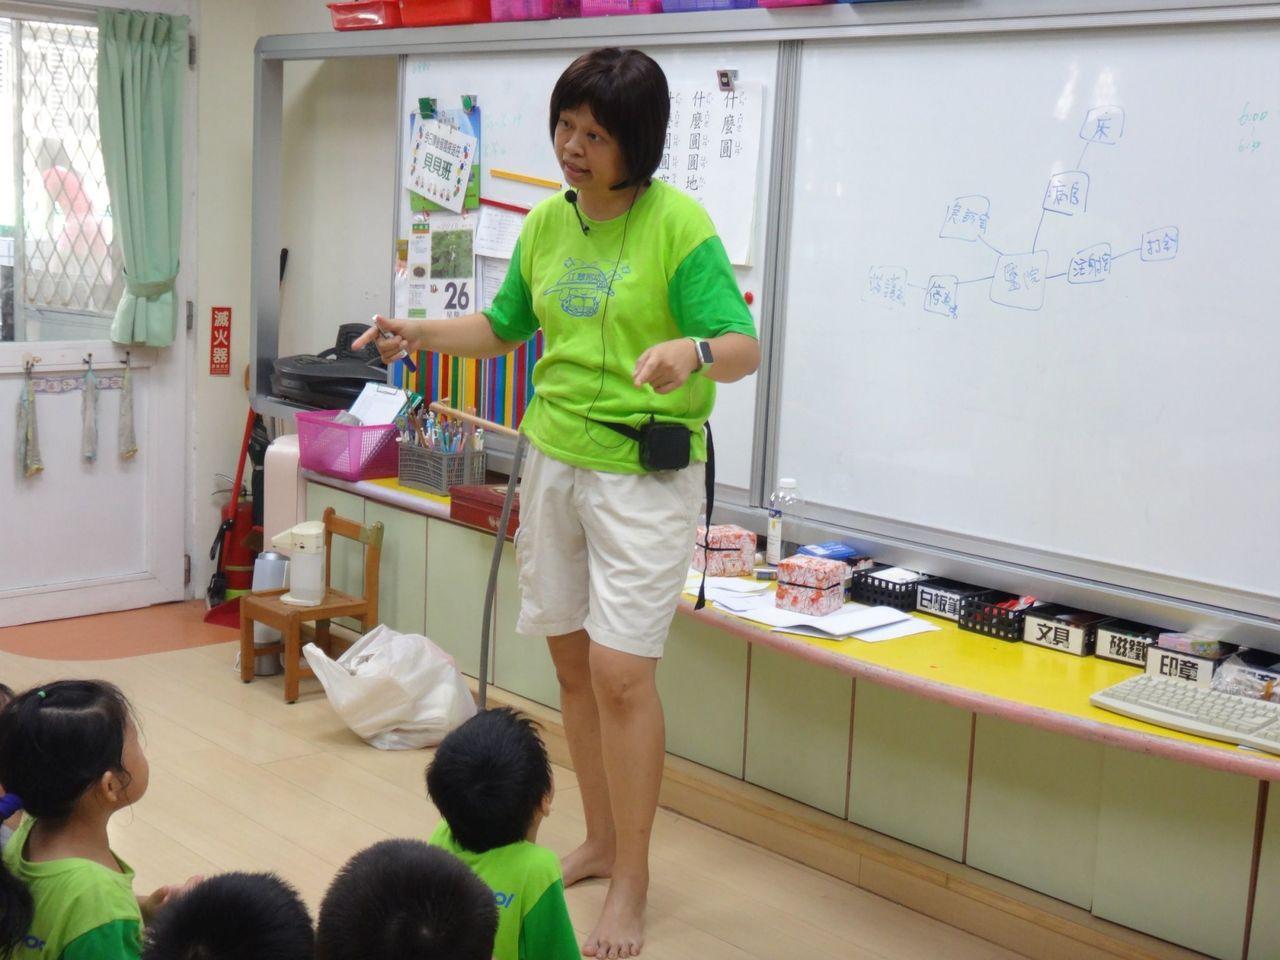 林淑綾在幼兒園總是永遠帶著笑容,用心教育孩子。圖/新北市教育局提供